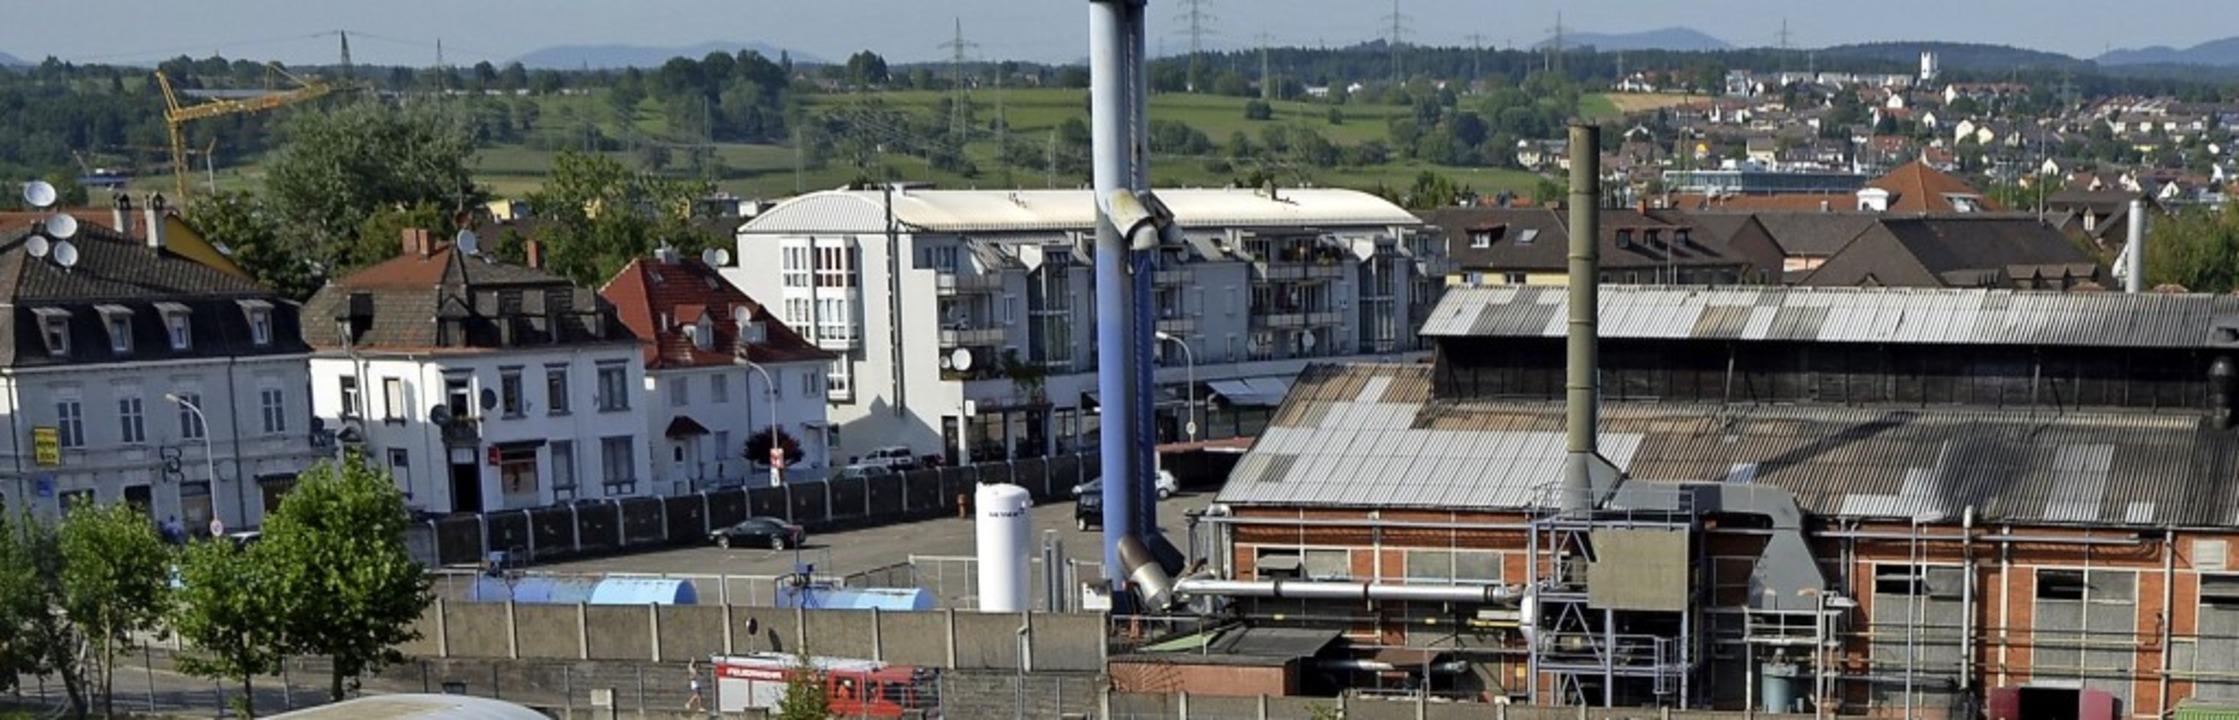 In Rheinfelden gibt es Industrie- und ...traeffiziente Industriegebiet erhält.   | Foto: Böhm-Jacob